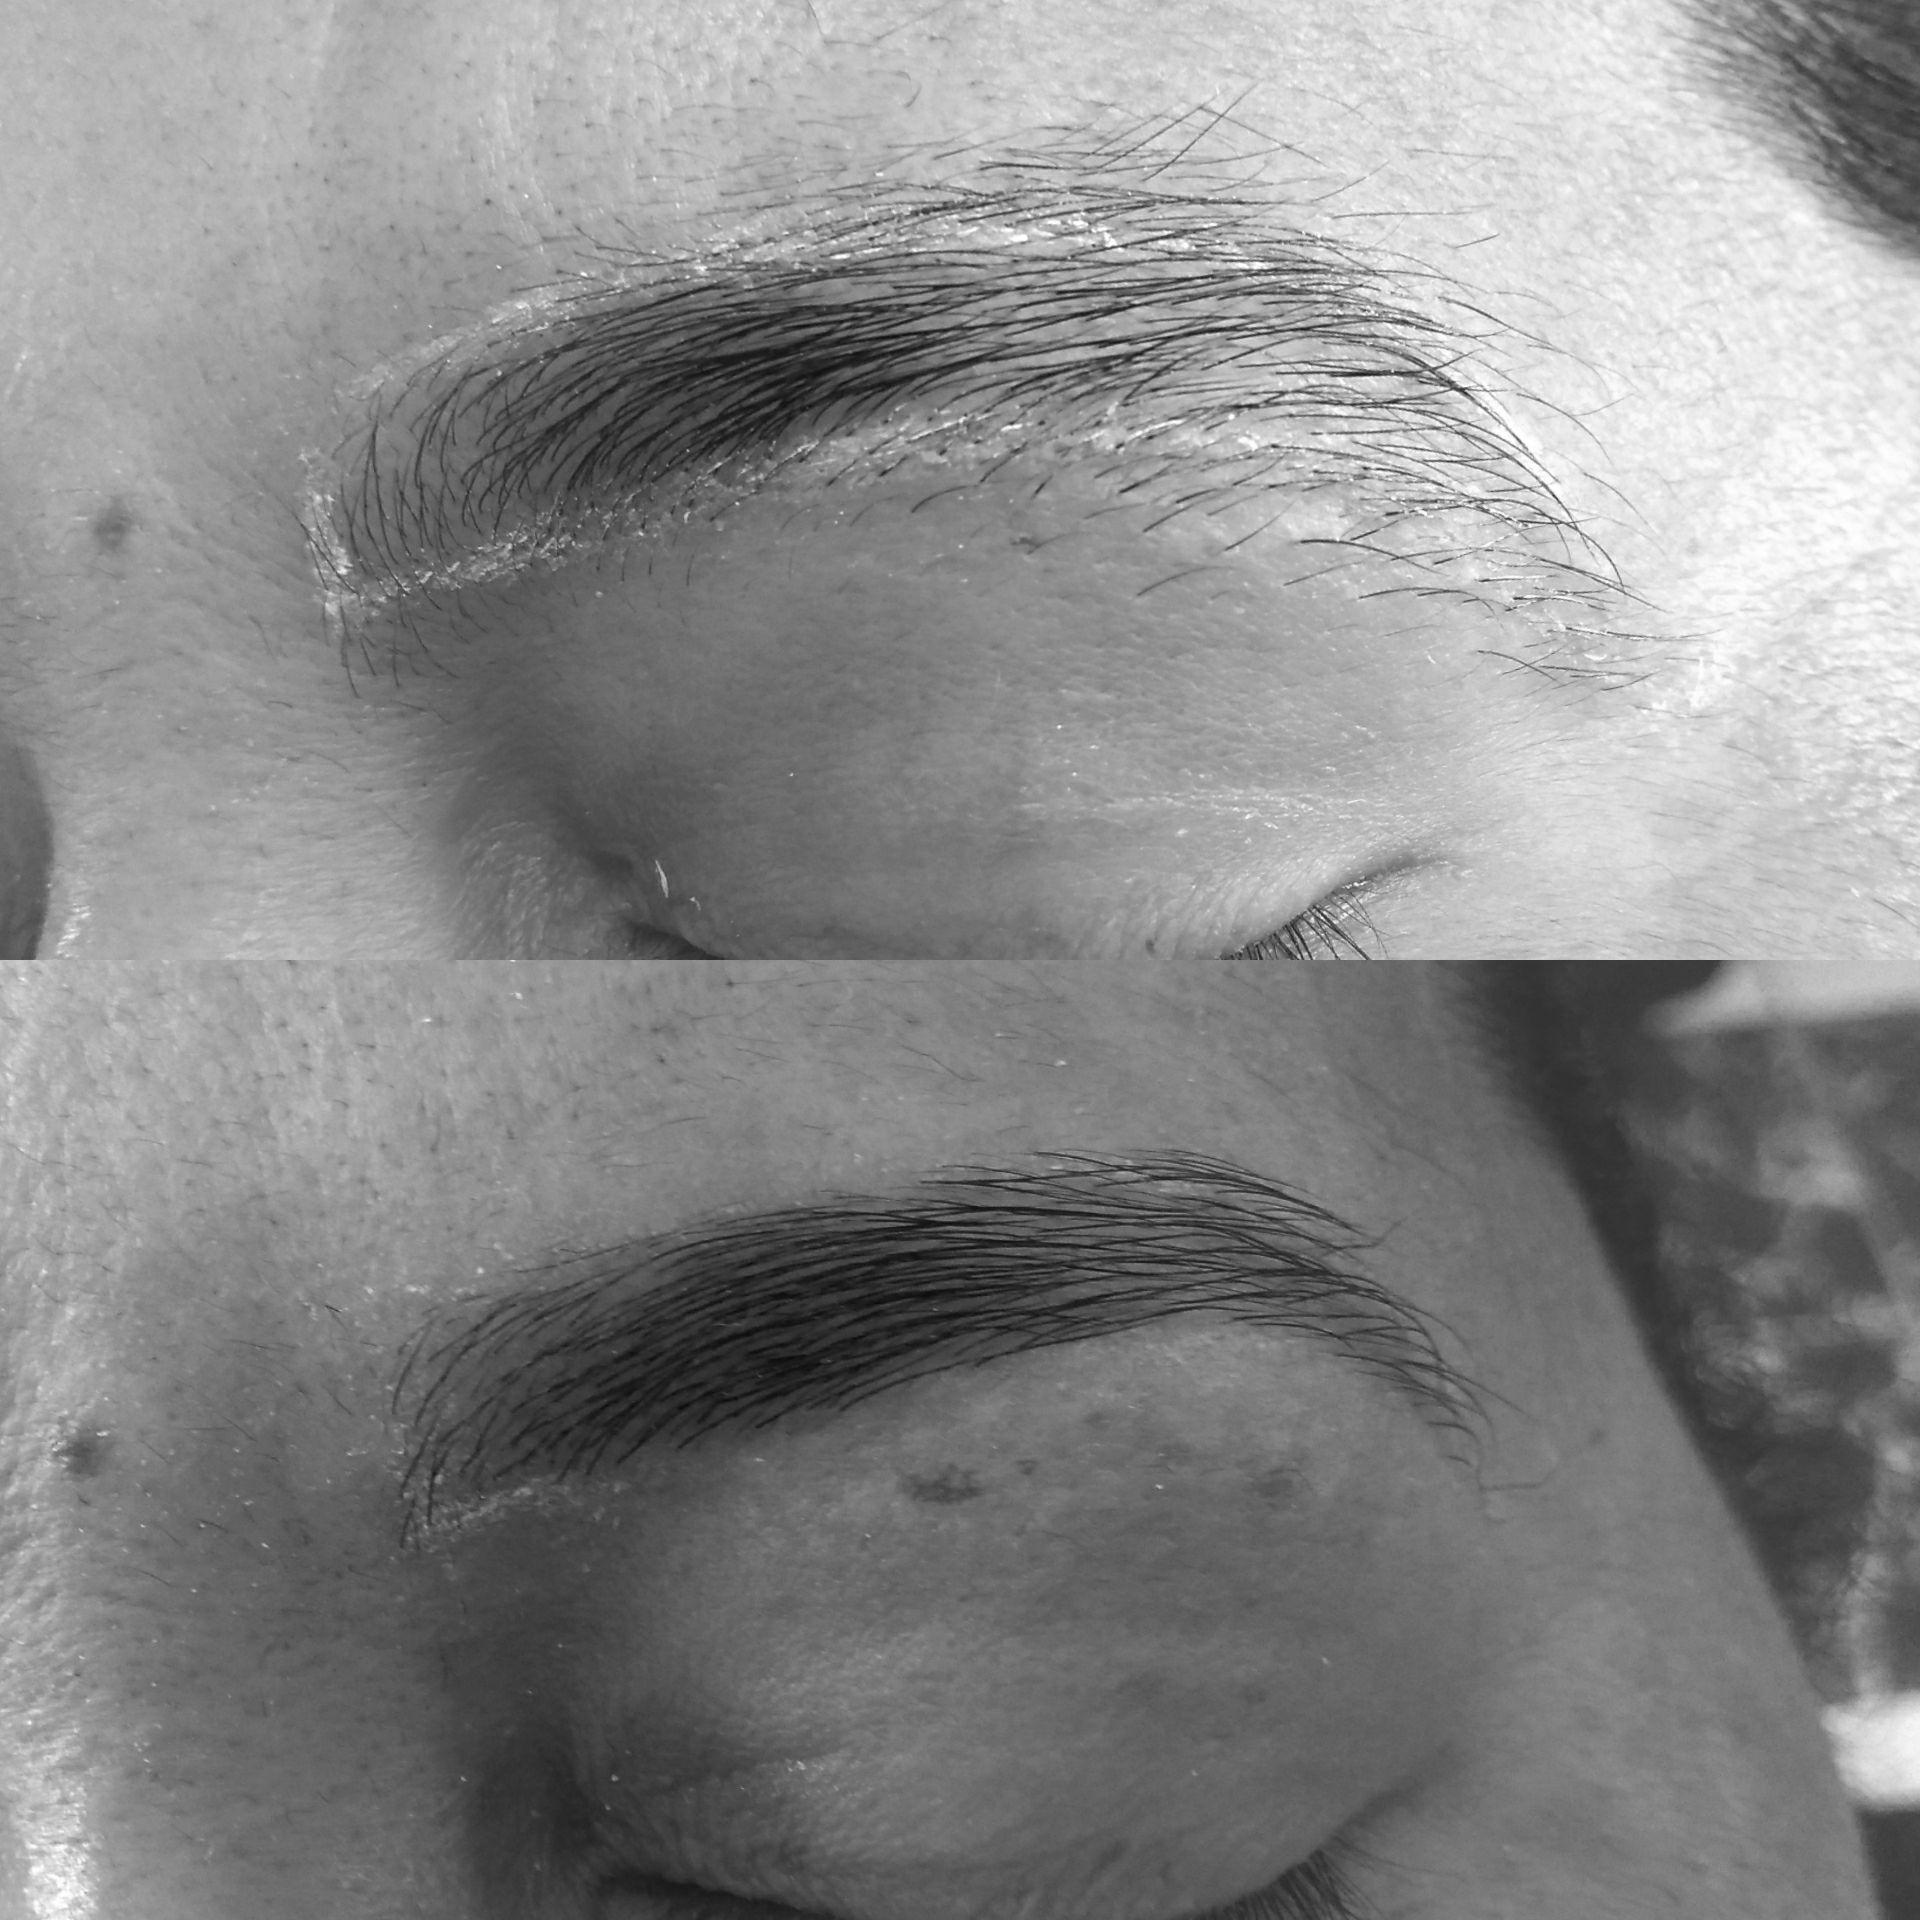 Design de sobrancelha estética designer de sobrancelhas designer de sobrancelhas designer de sobrancelhas designer de sobrancelhas designer de sobrancelhas designer de sobrancelhas designer de sobrancelhas designer de sobrancelhas micropigmentador(a)